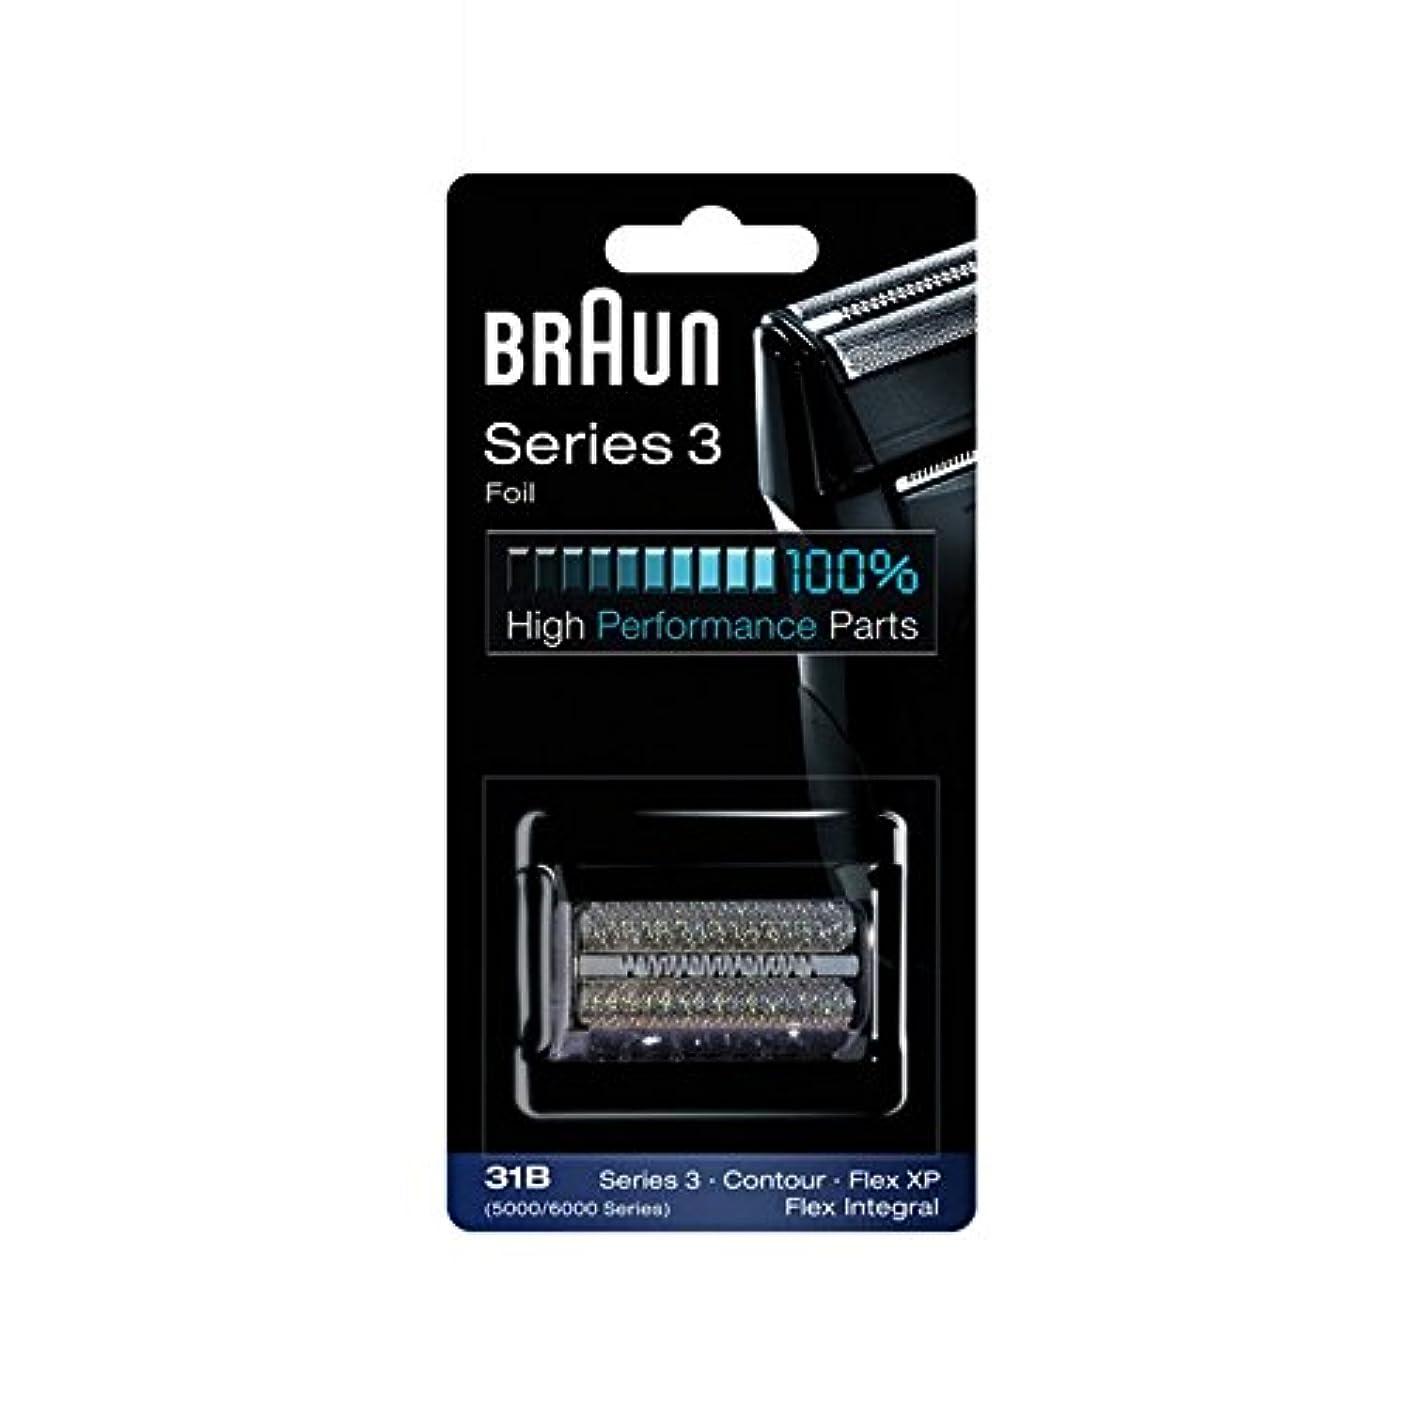 眉送金蓄積する[Only Foil] Braun 31B それが唯一のシェーバー箔を含む箔(含まれないものカッター) [並行輸入品]